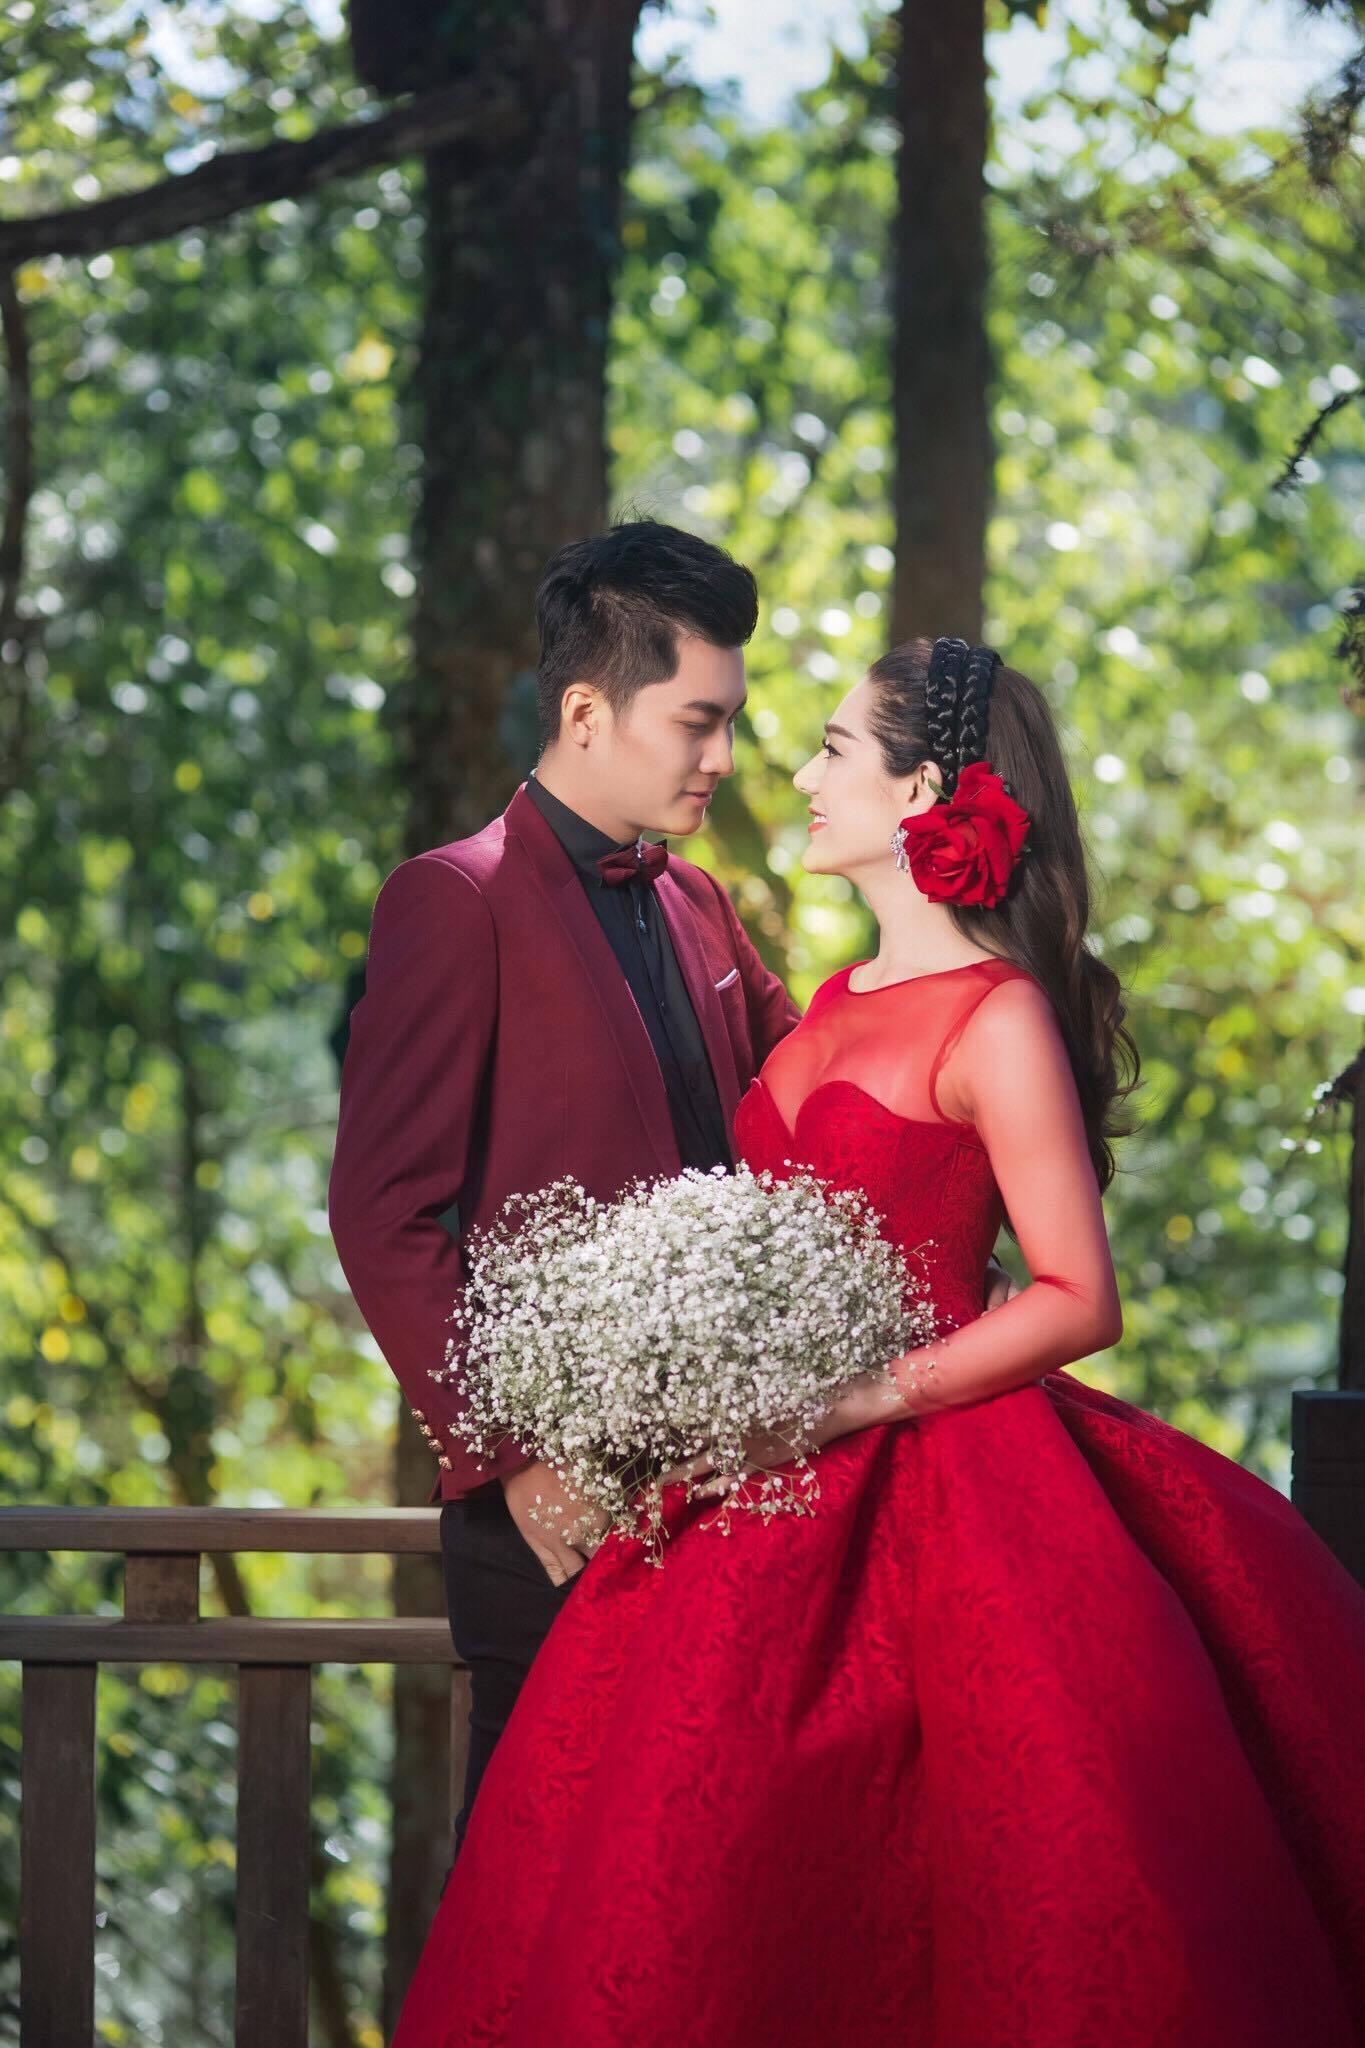 Ca sĩ chuyển giới Lâm Khánh Chi sẽ chính thức làm đám cưới vào tháng 11 - Ảnh 4.